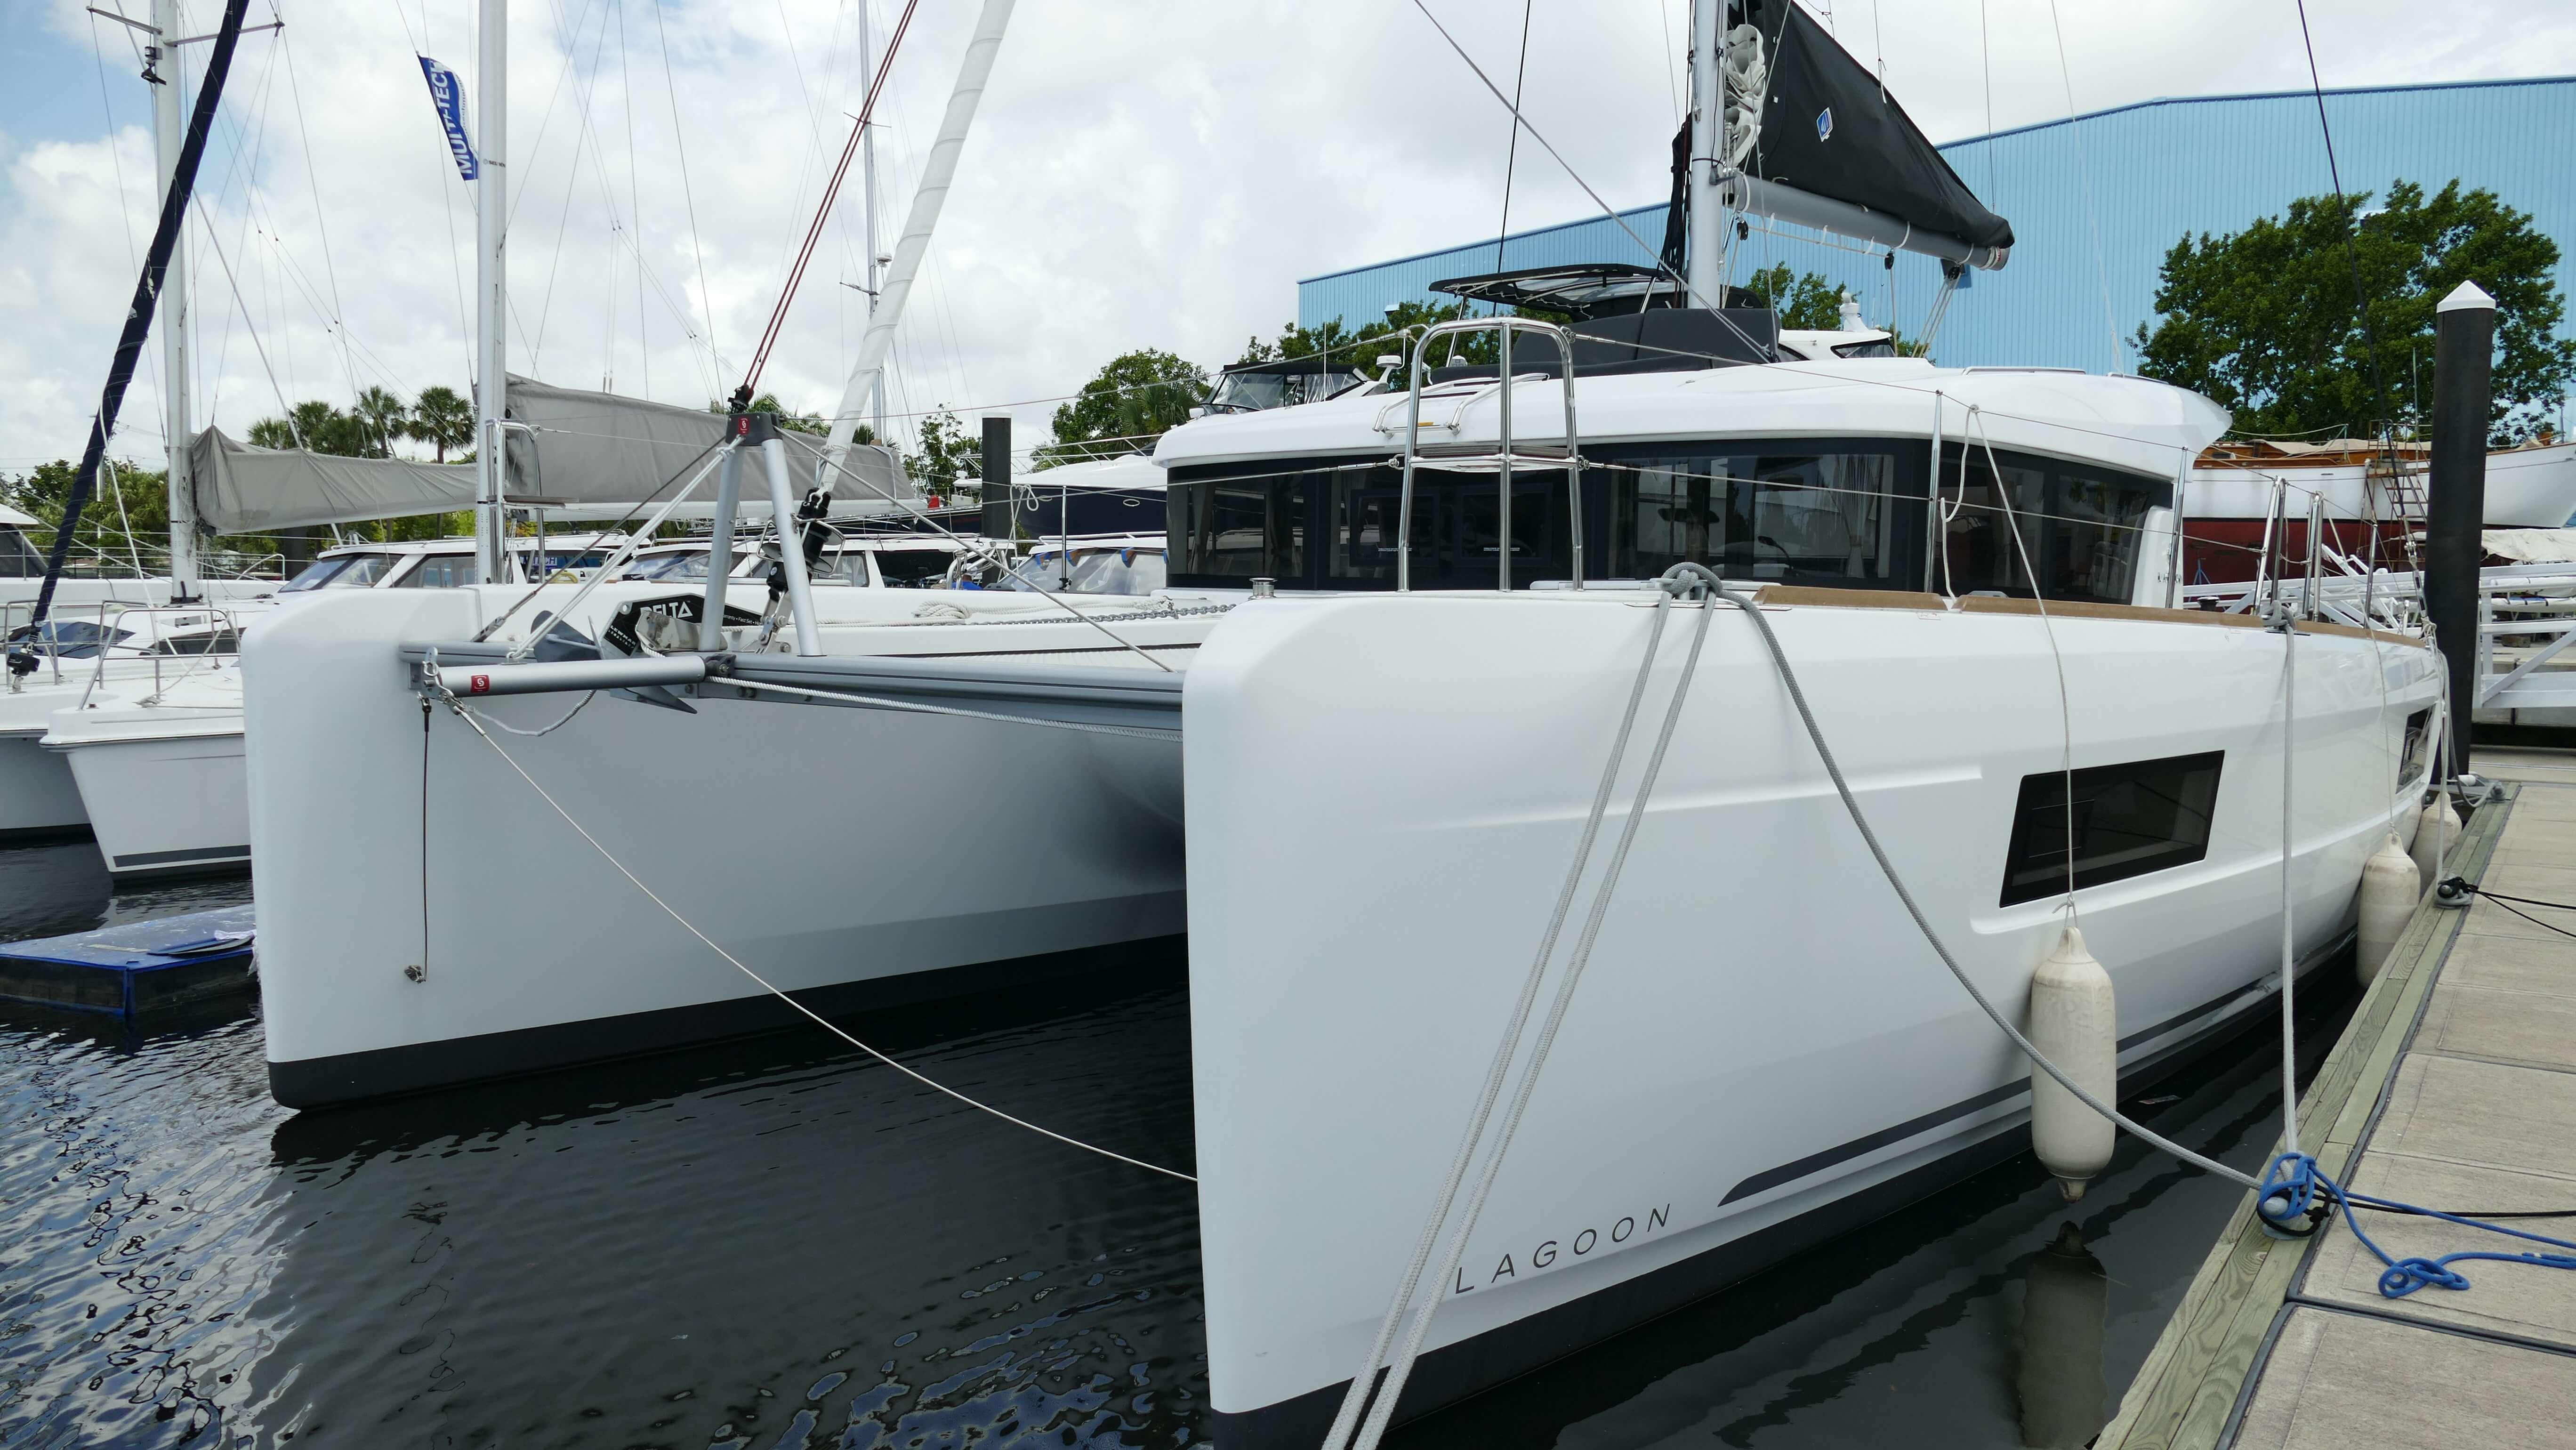 New Sail Catamaran for Sale 2018 Lagoon 40